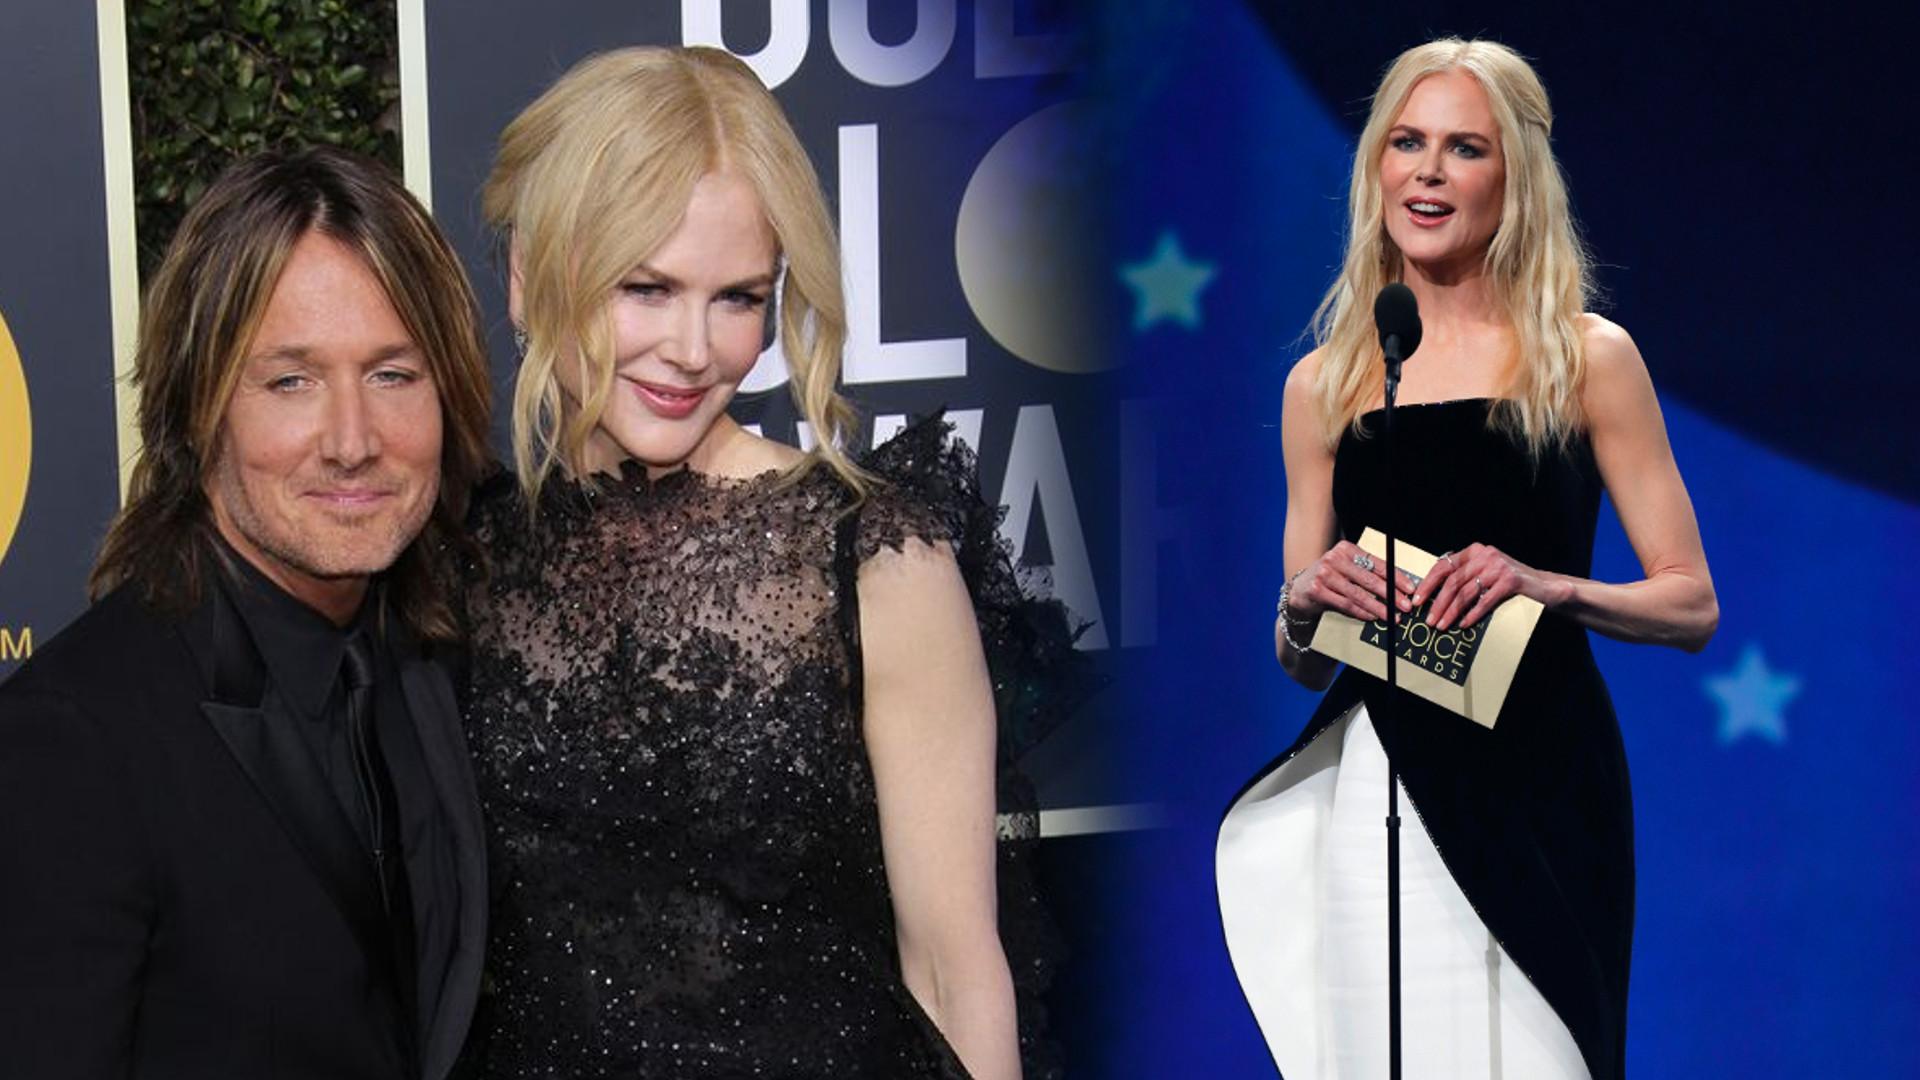 Zaskakujące doniesienia: 51-letnia Nicole Kidman jest w CIĄŻY